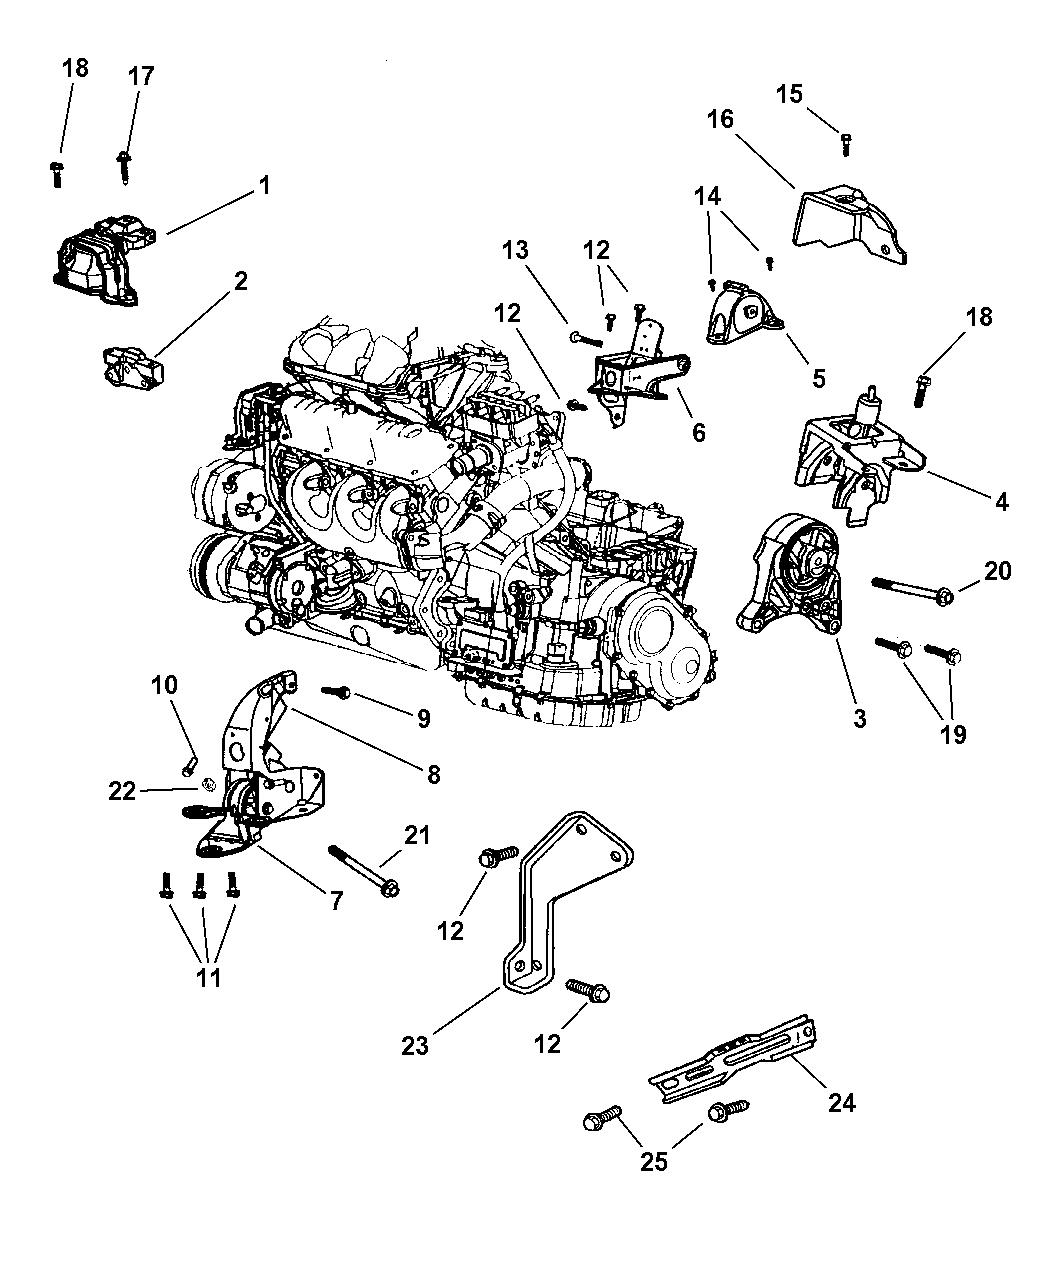 2001 Chrysler Voyager Engine Mounts - Thumbnail 2